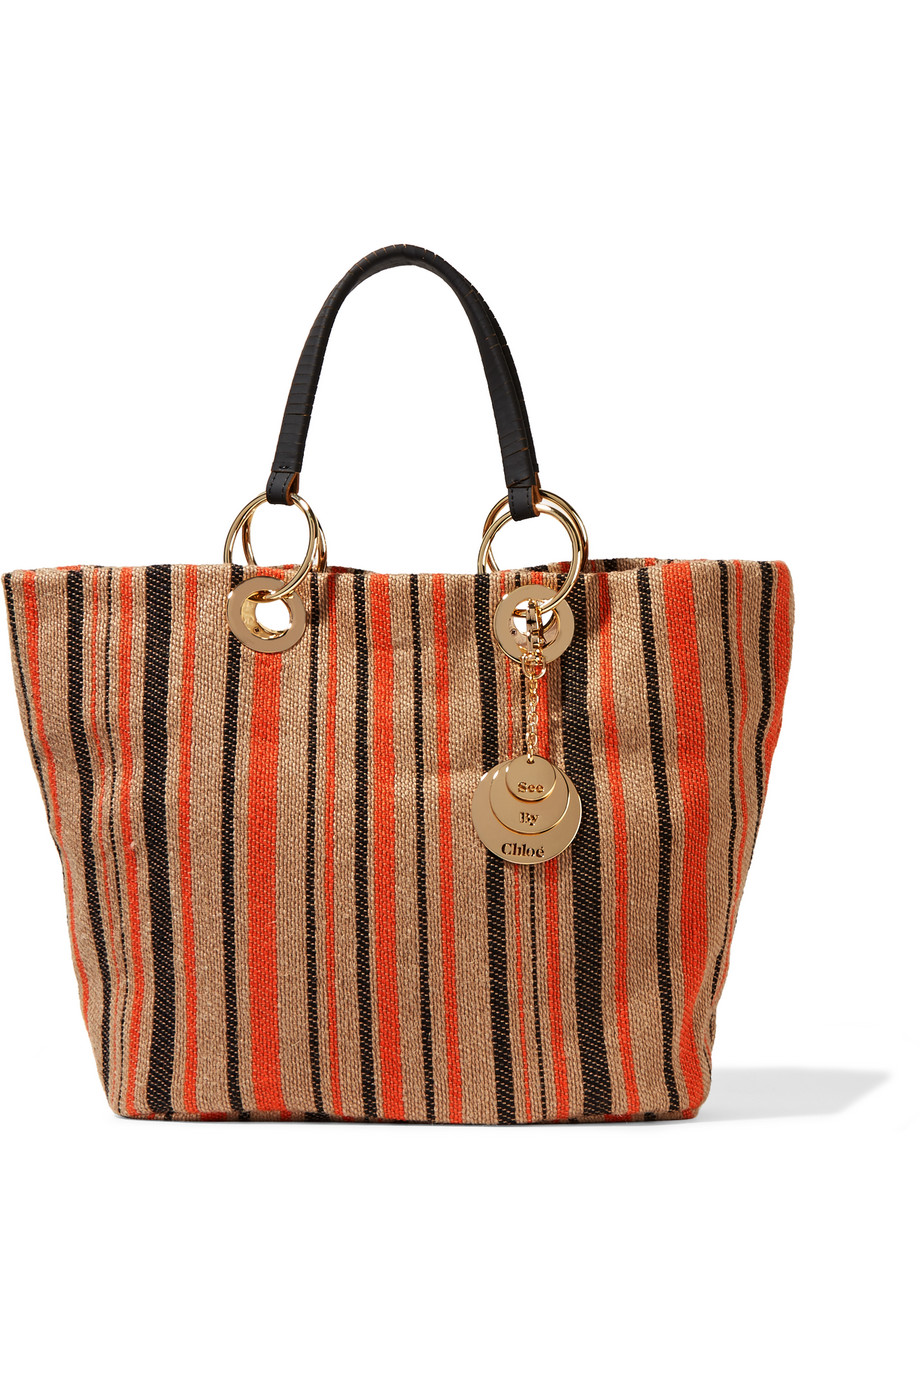 See by Chloé Summer Striped Jute Tote, Beige/Orange, Women's